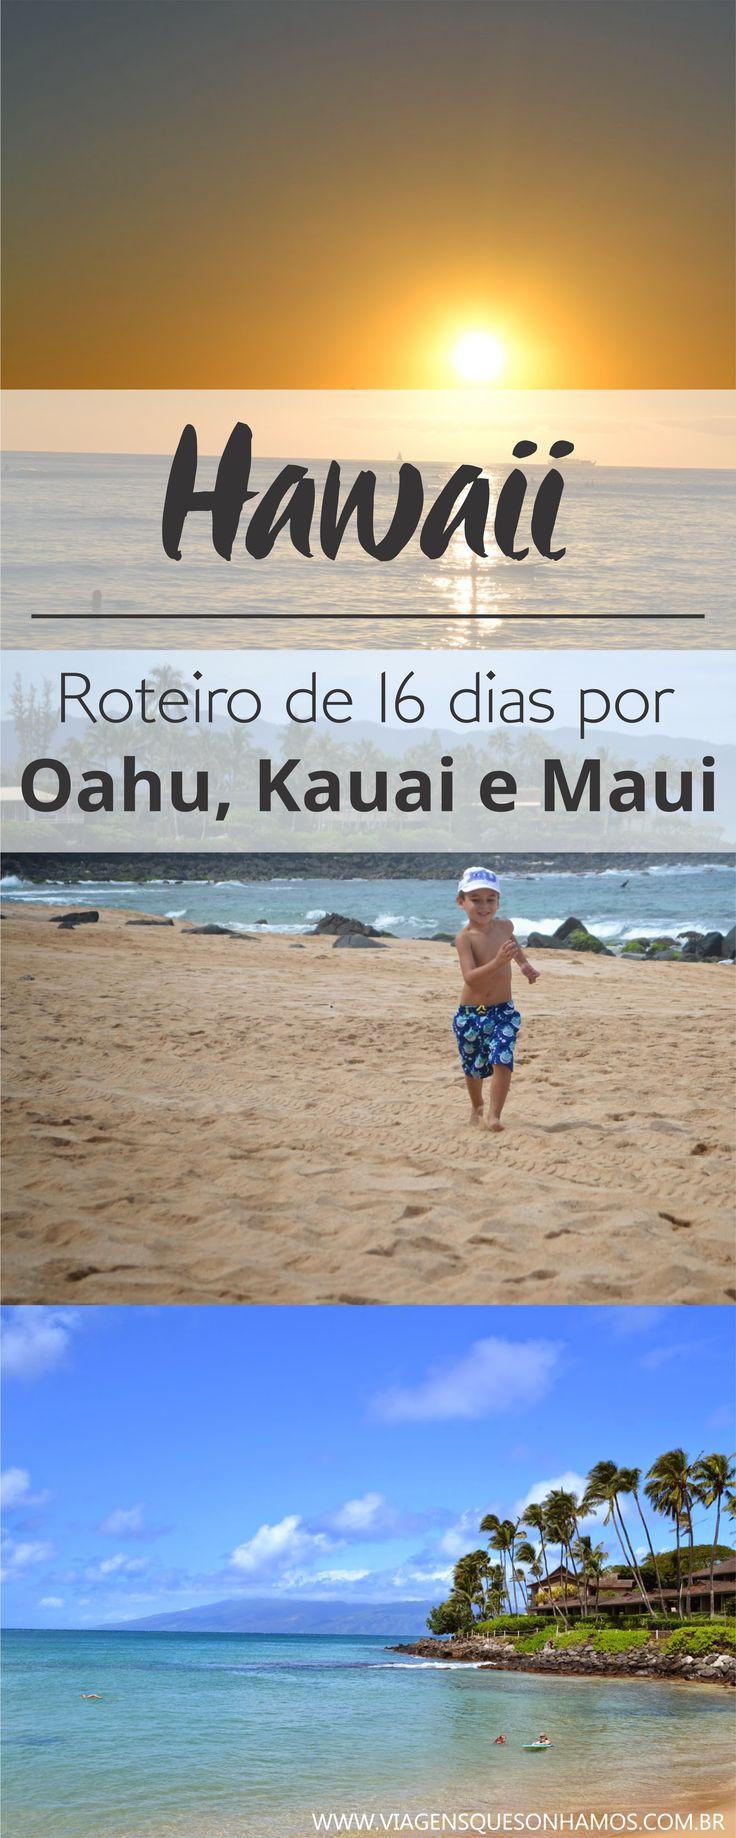 Roteiro completo no Hawaii, conhecendo as ilhas de Kauai, Oahu e Maui - Havaí com crianças